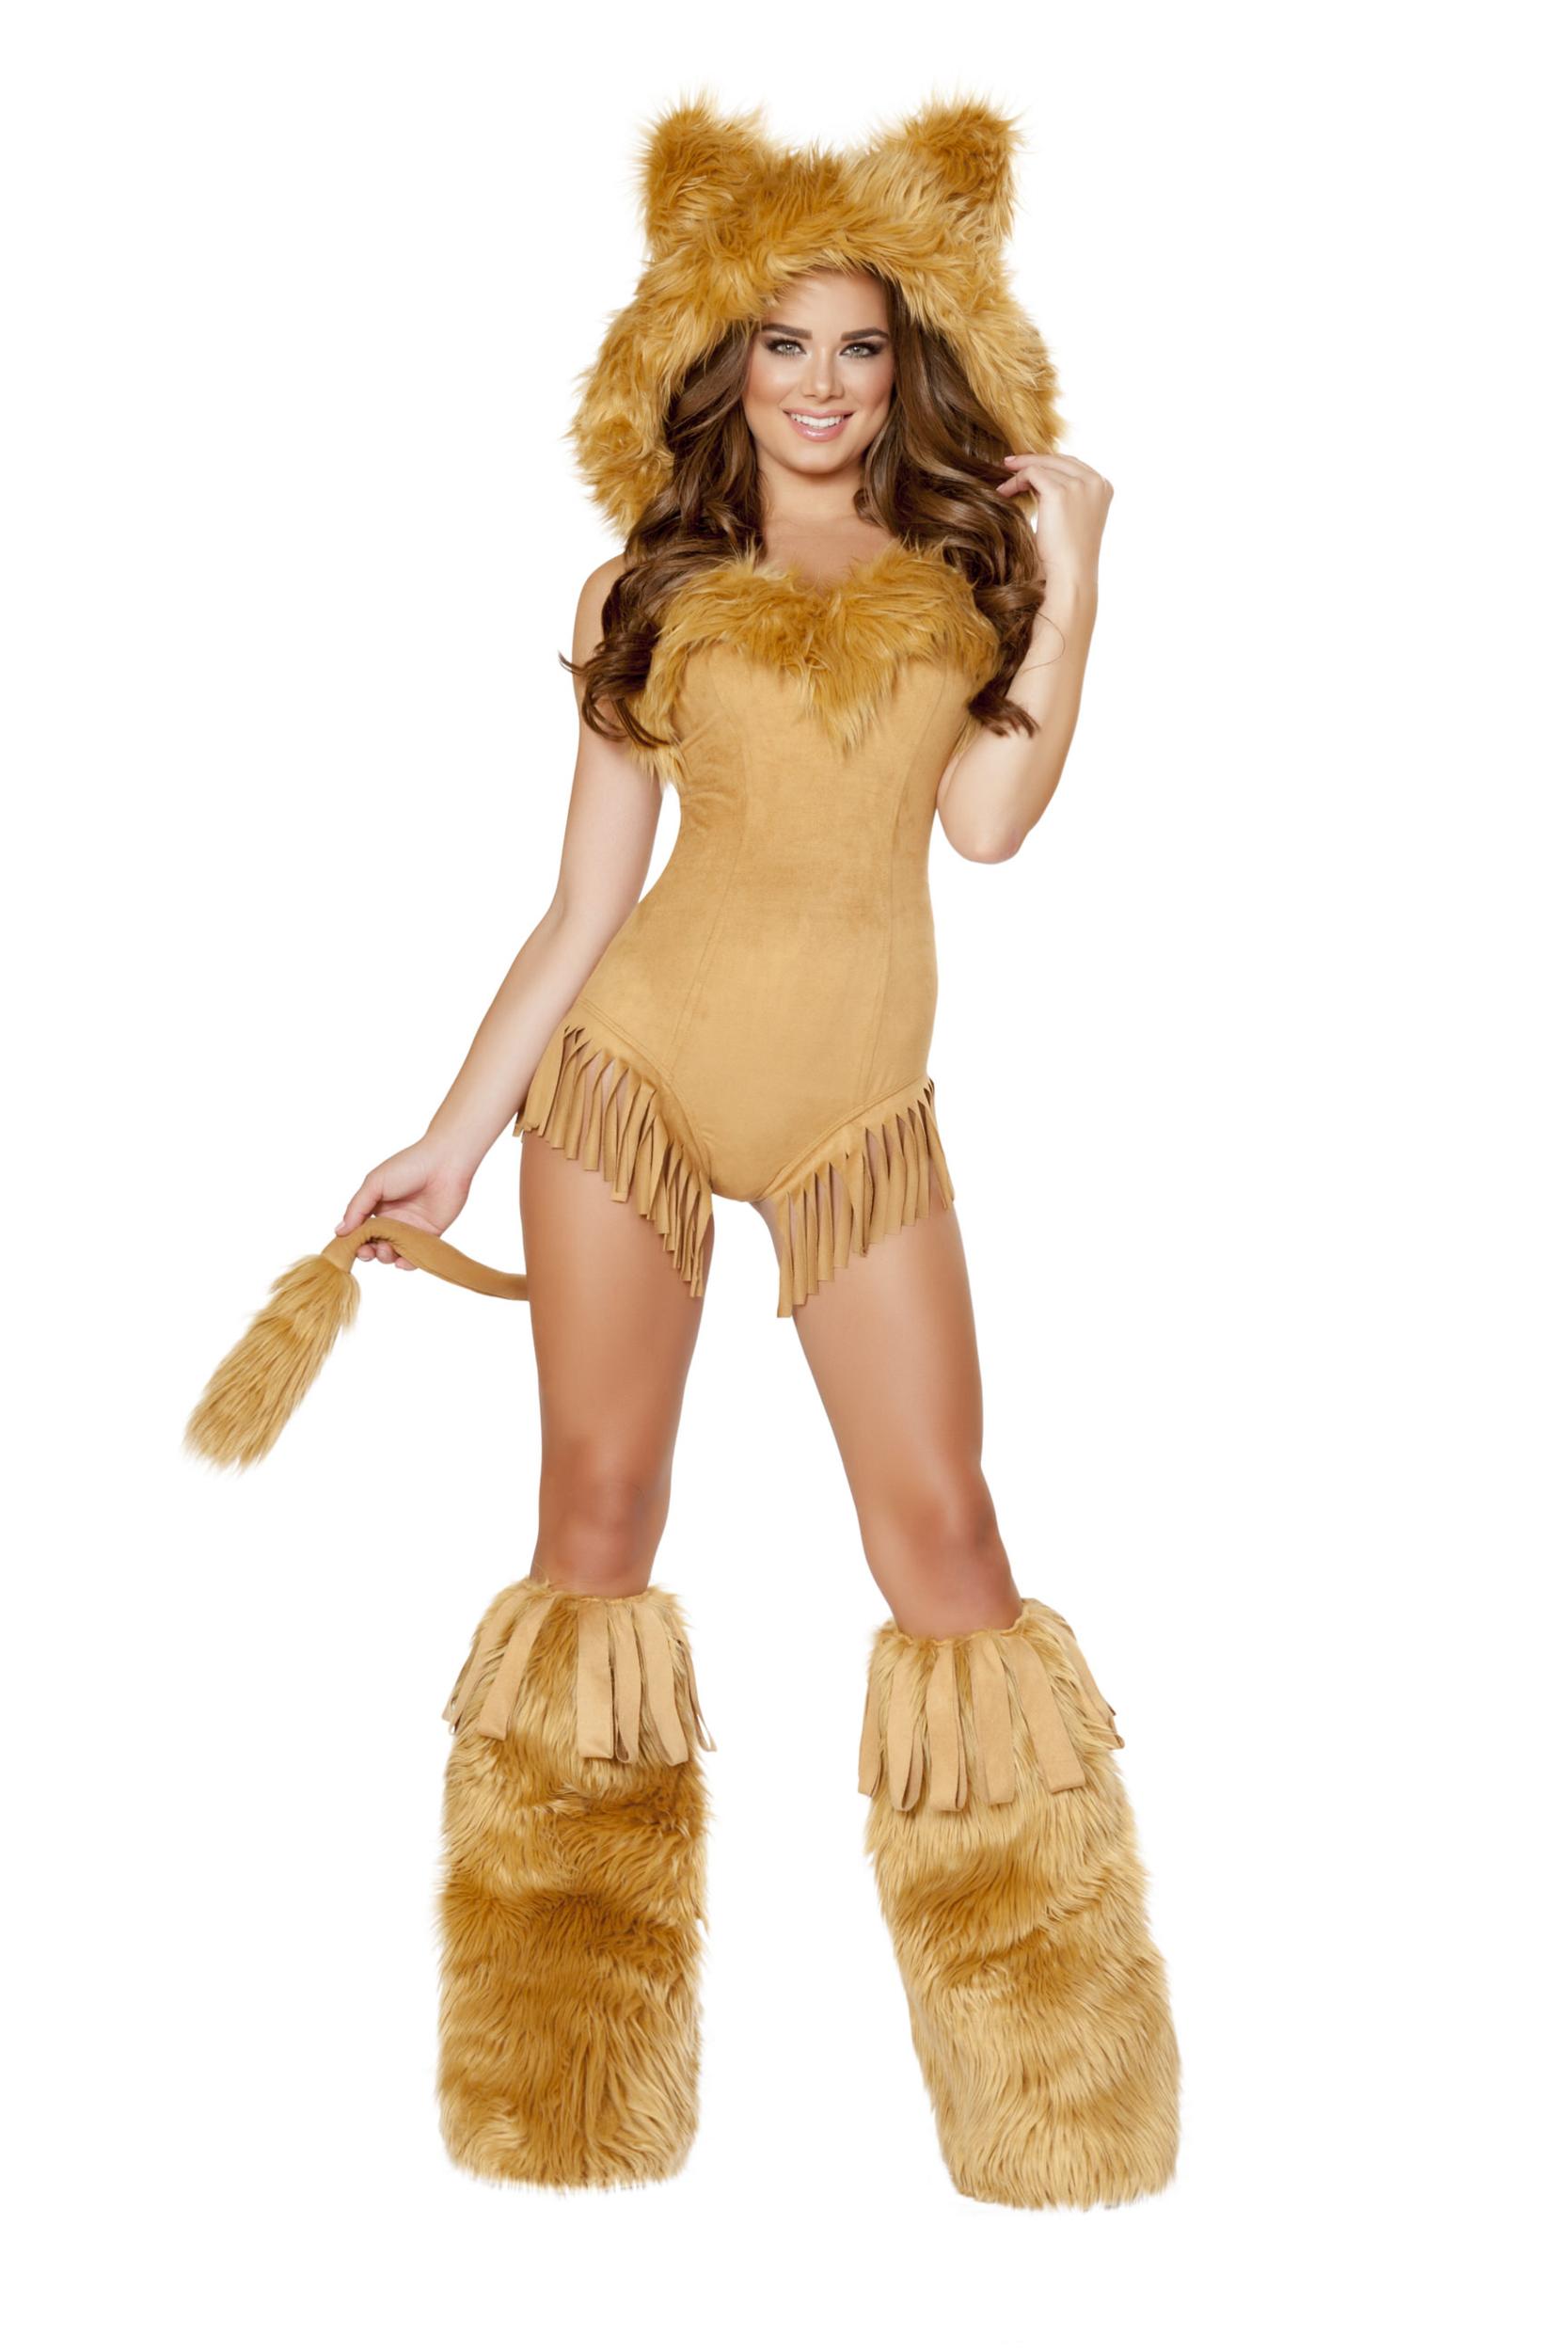 Costume - Déguisement de lionne  - ROMA